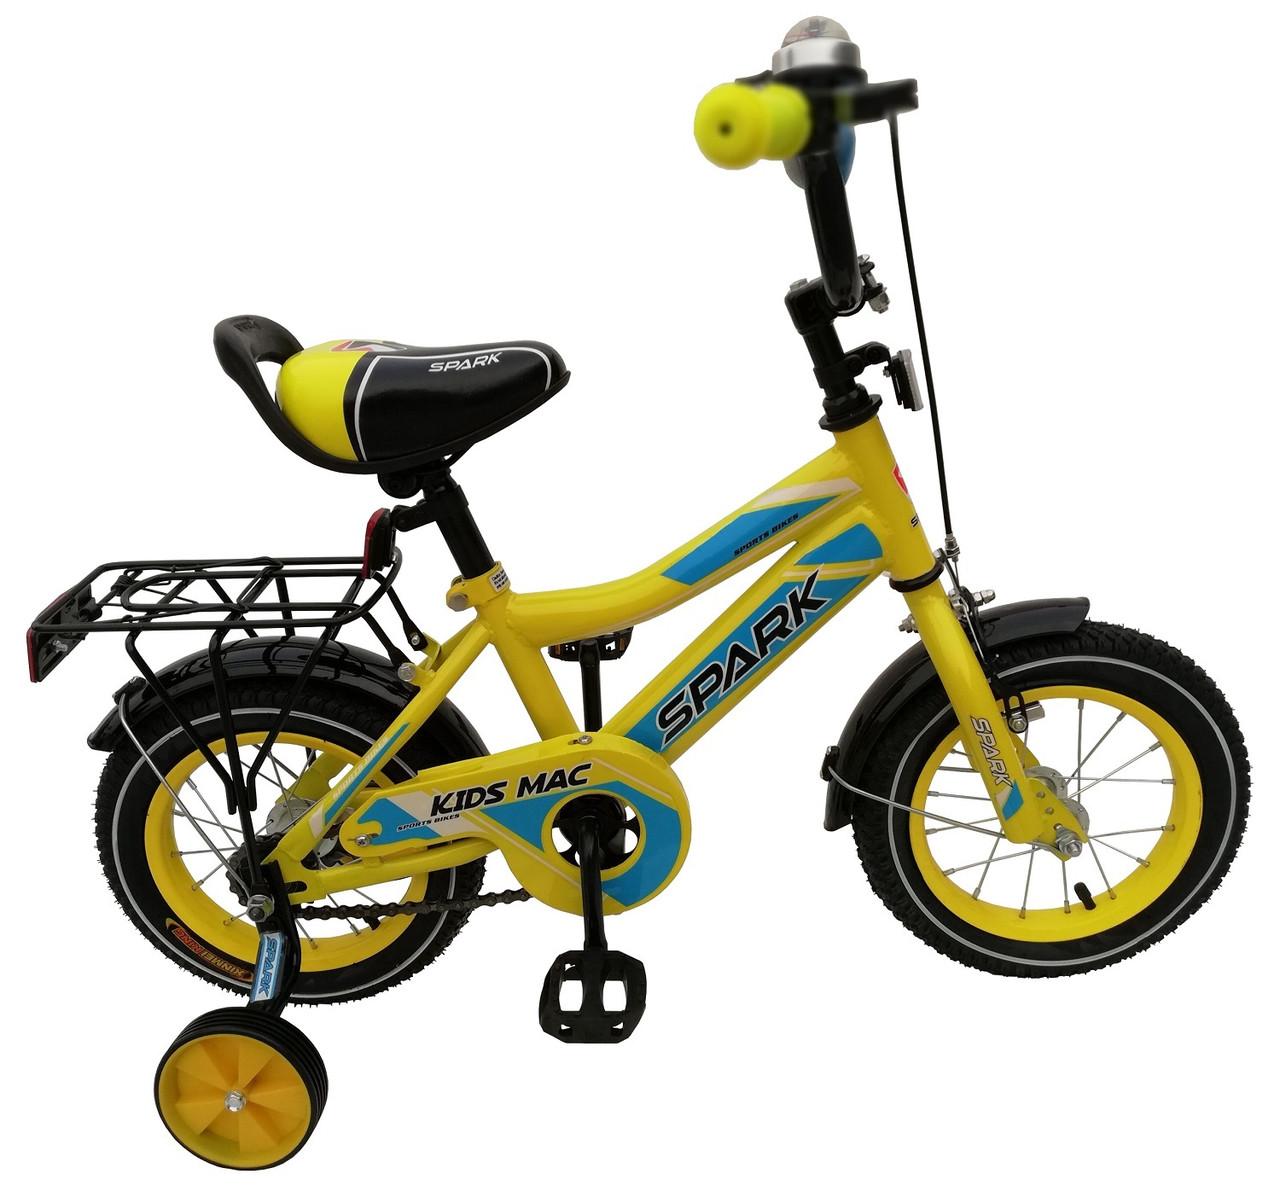 Велосипед SPARK KIDS MAC сталь TV2001-001